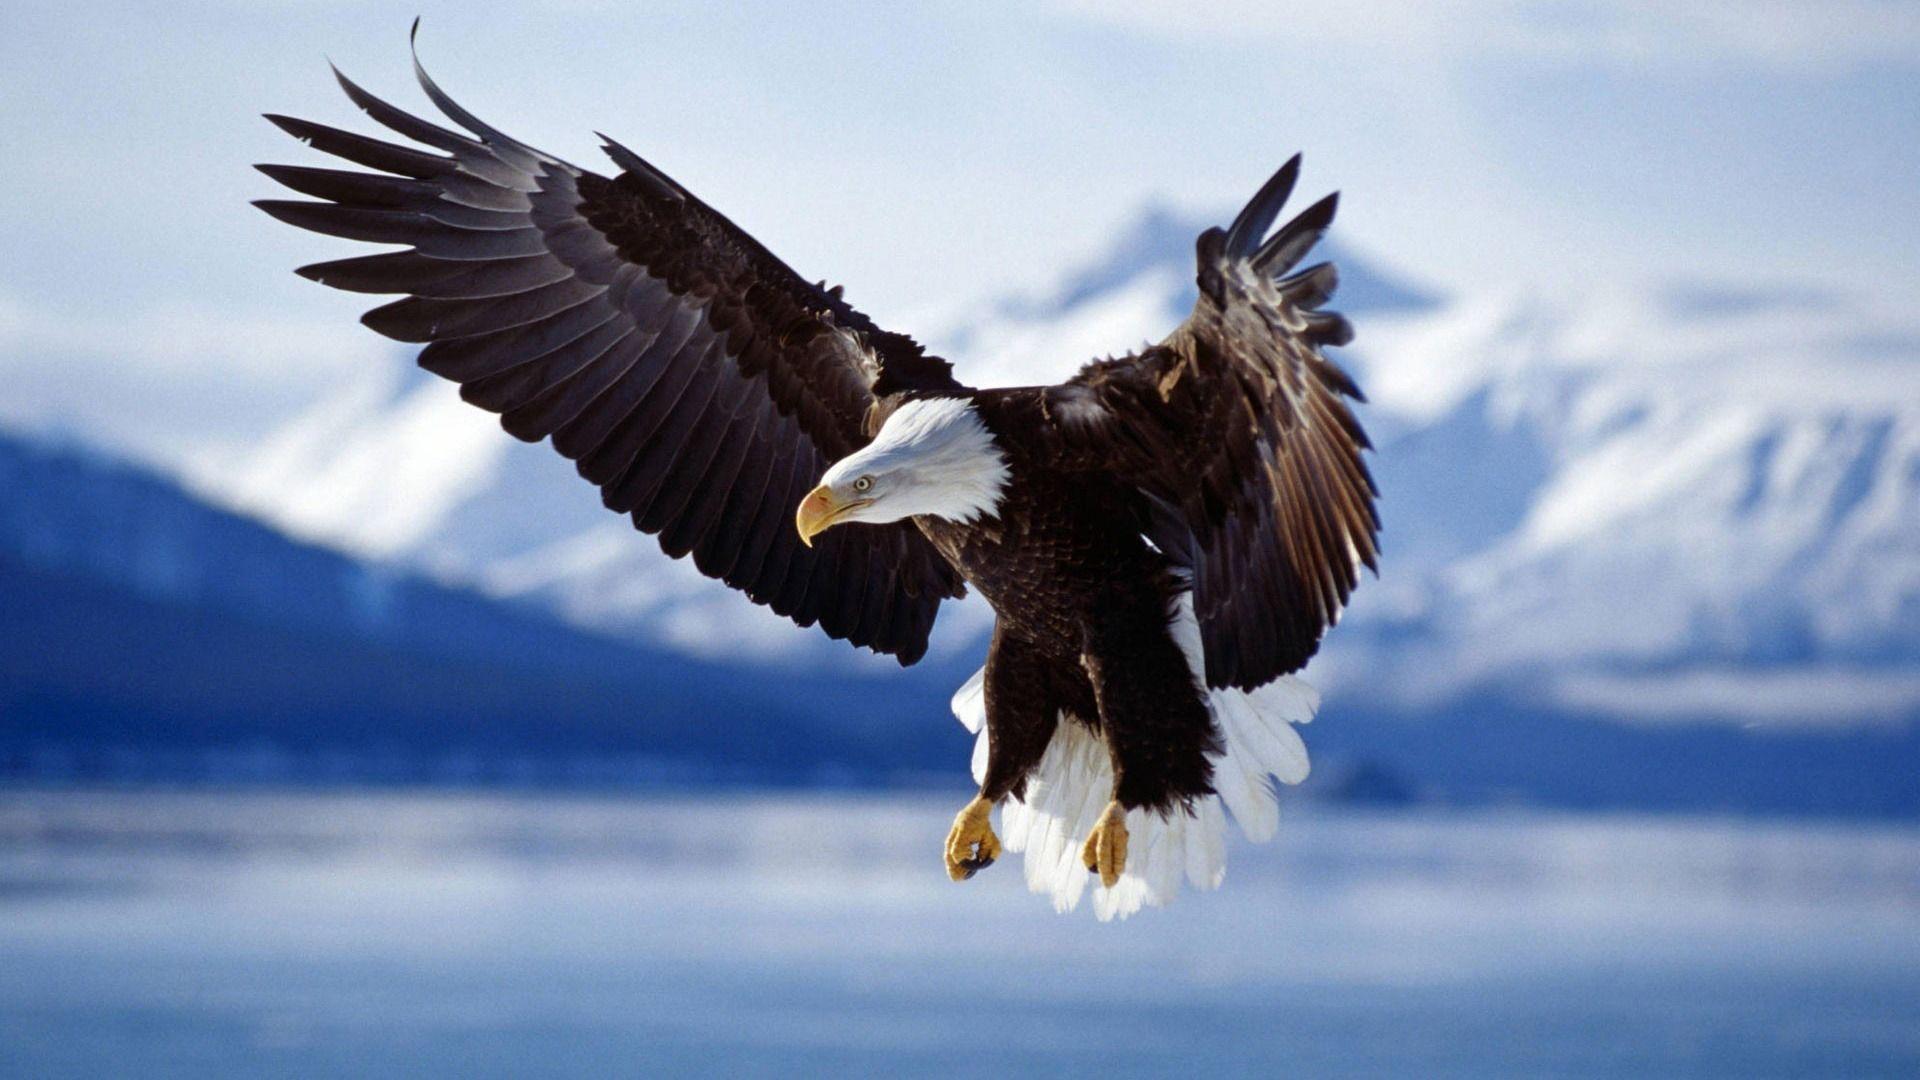 Fantastic Wallpaper Horse Eagle - 3739dcf1935bab09d6204b3a12a9d830  You Should Have_312474.jpg